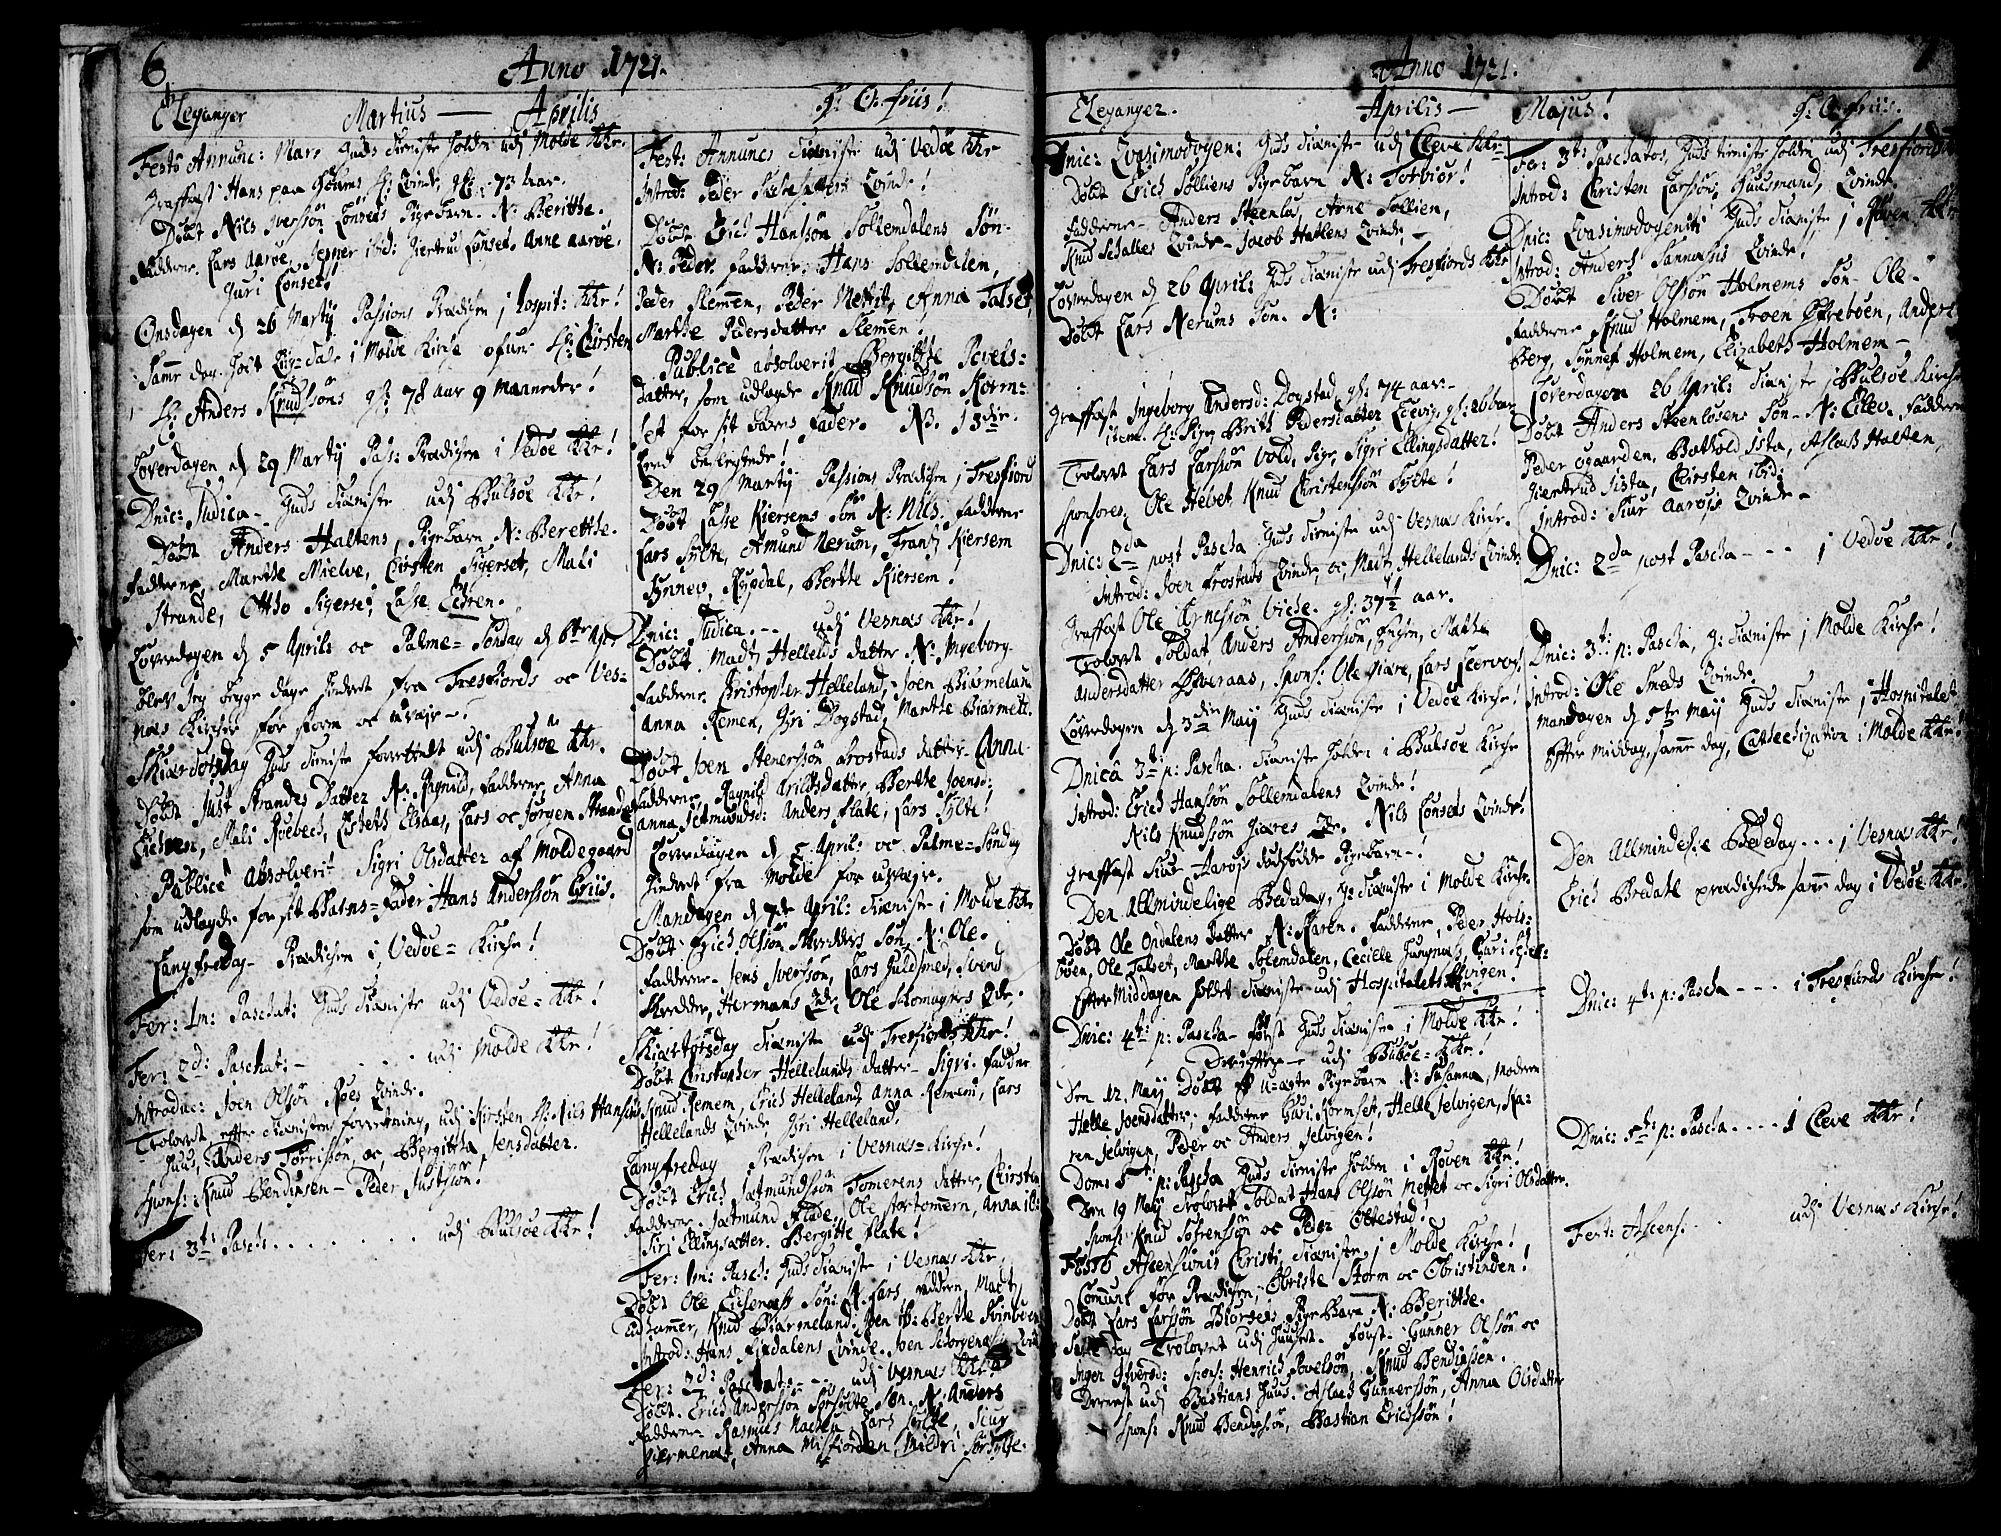 SAT, Ministerialprotokoller, klokkerbøker og fødselsregistre - Møre og Romsdal, 547/L0599: Ministerialbok nr. 547A01, 1721-1764, s. 6-7